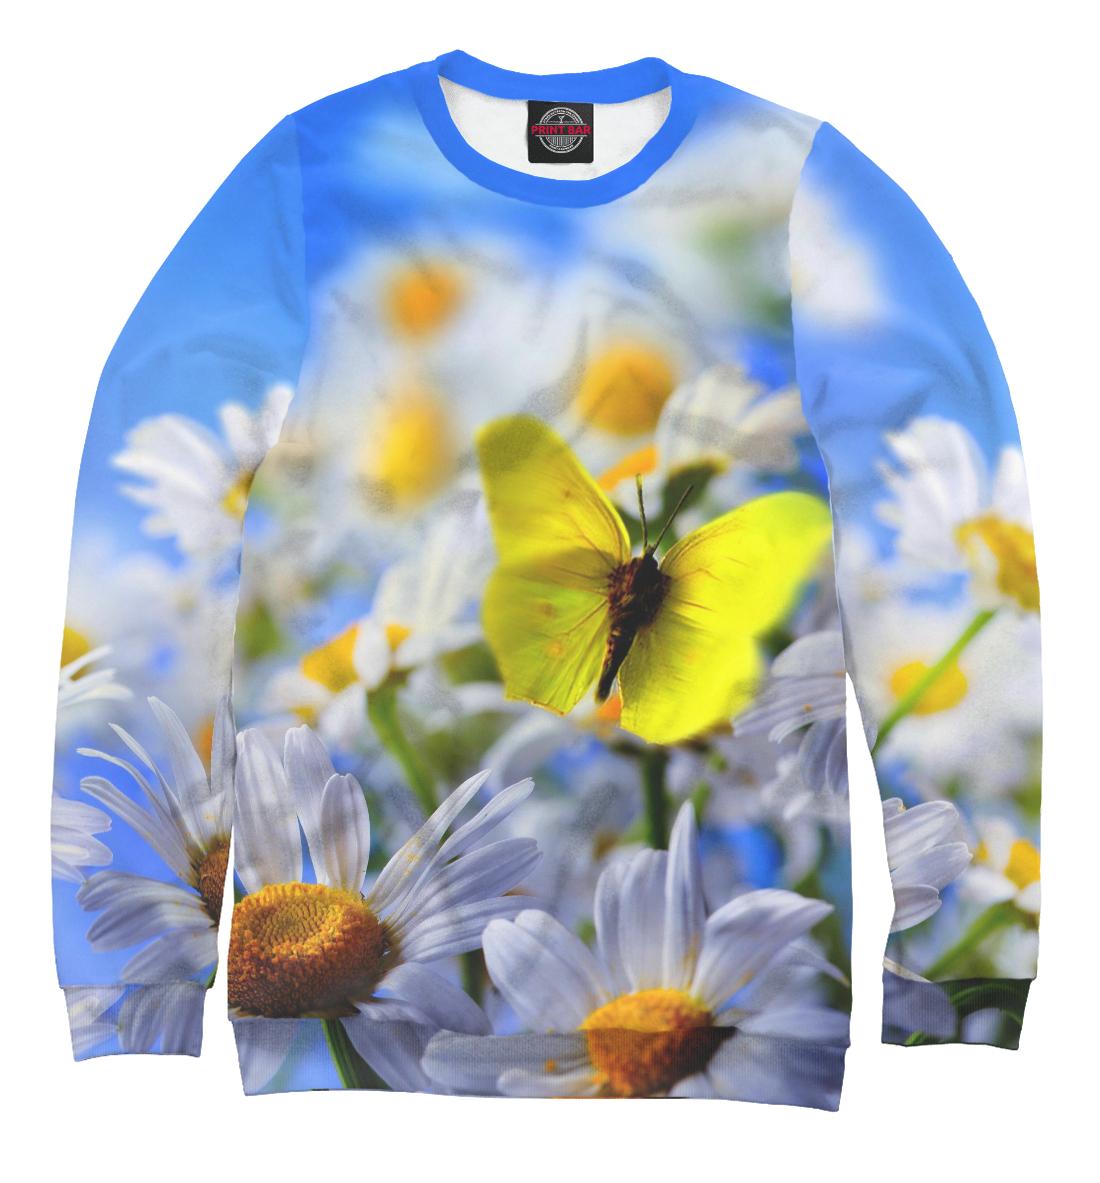 Купить Бабочки и нарциссы, Printbar, Свитшоты, NAS-164932-swi-2